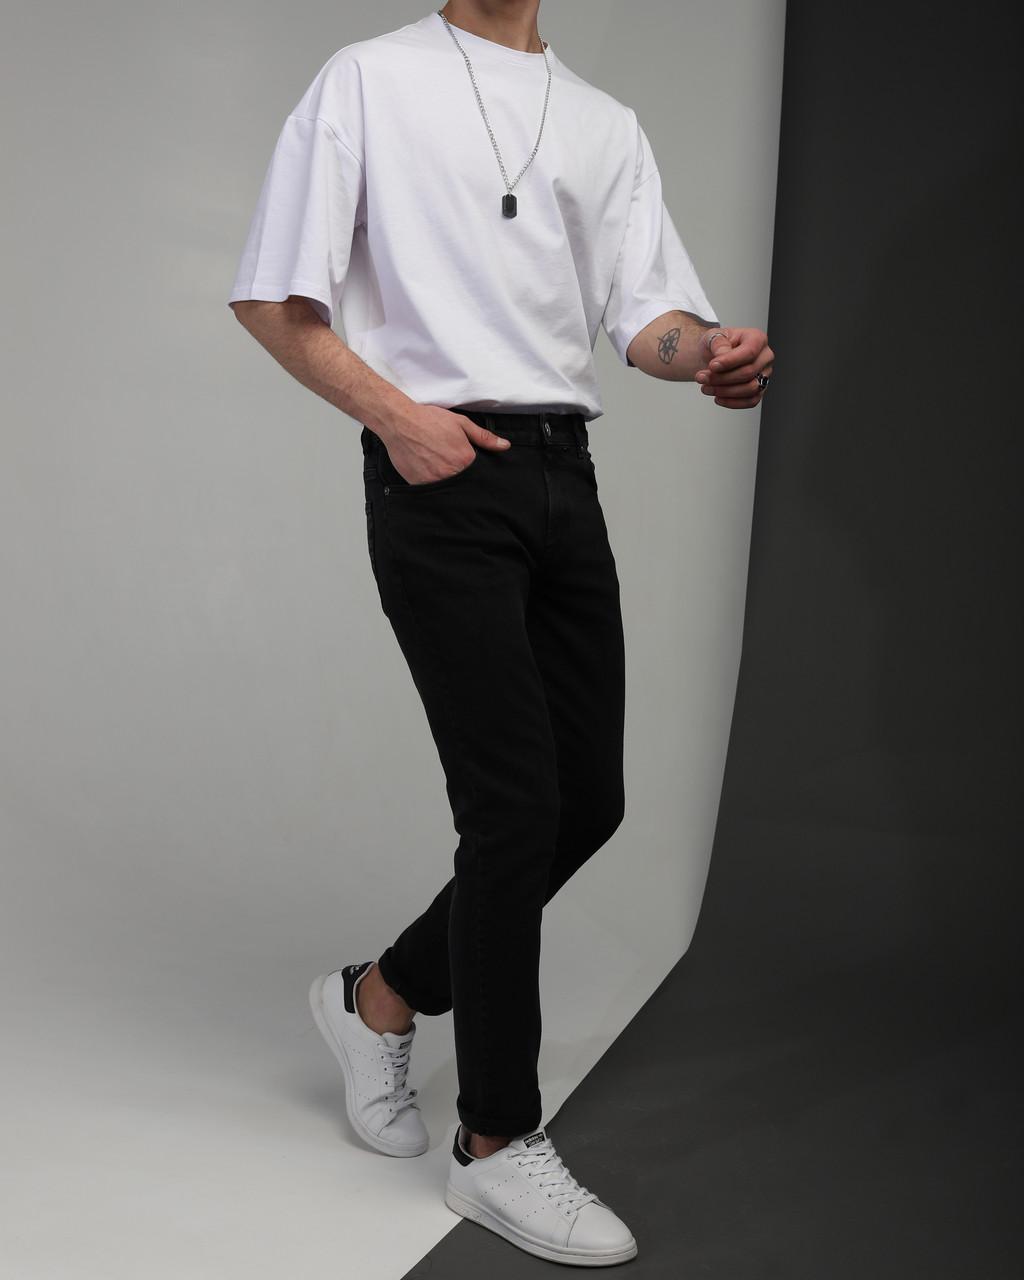 Джинсы мужские зауженные черные от бренда Тур модель Слим TУRWEAR